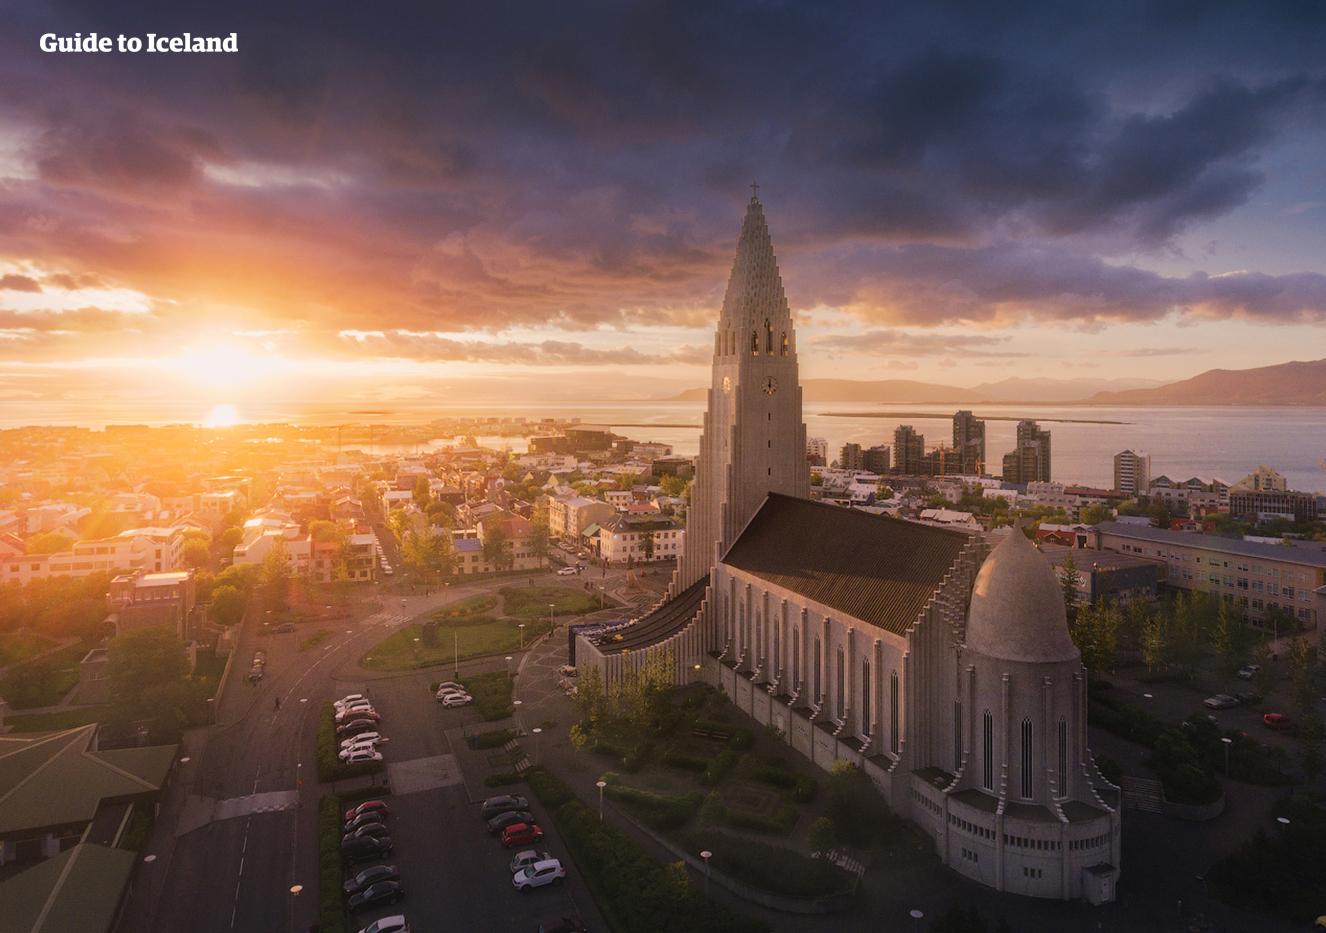 5-tägige Mietwagen-Rundreise für kleines Budget | Golden Circle, Jökulsárlón & Südküste - day 1